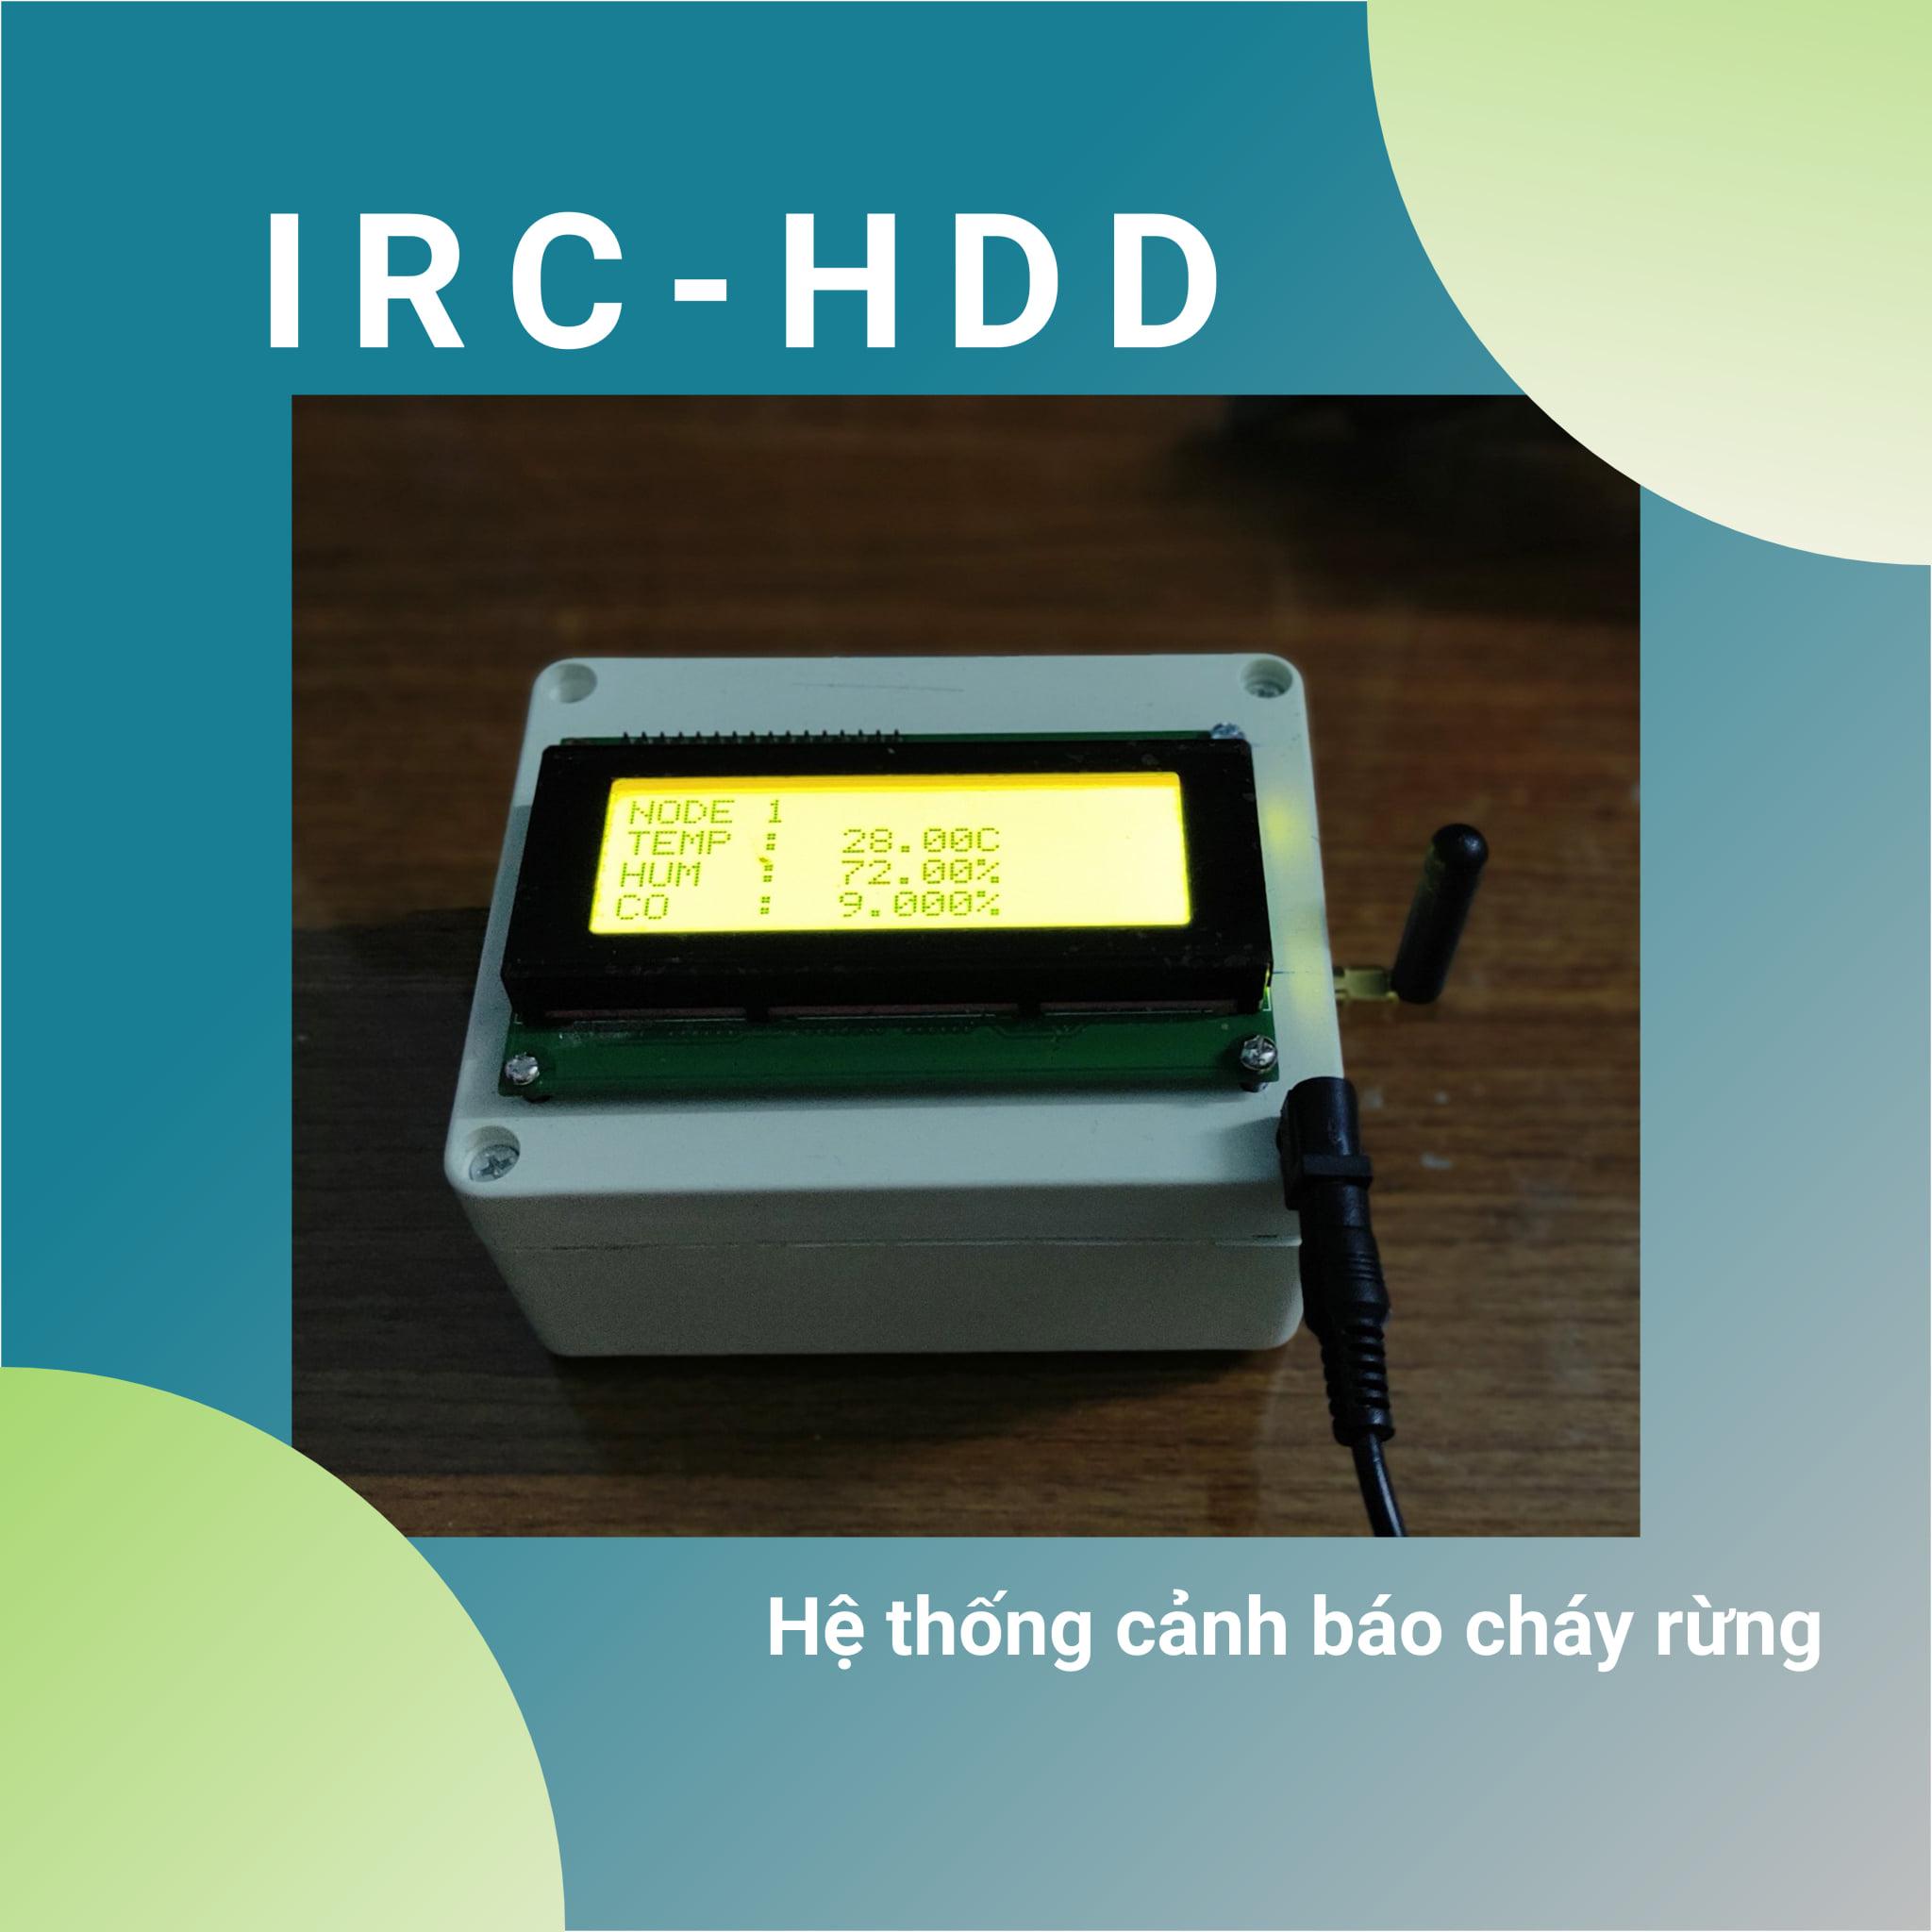 Nhóm IRC-HDD - Hệ thống cảnh báo cháy rừng từ xa